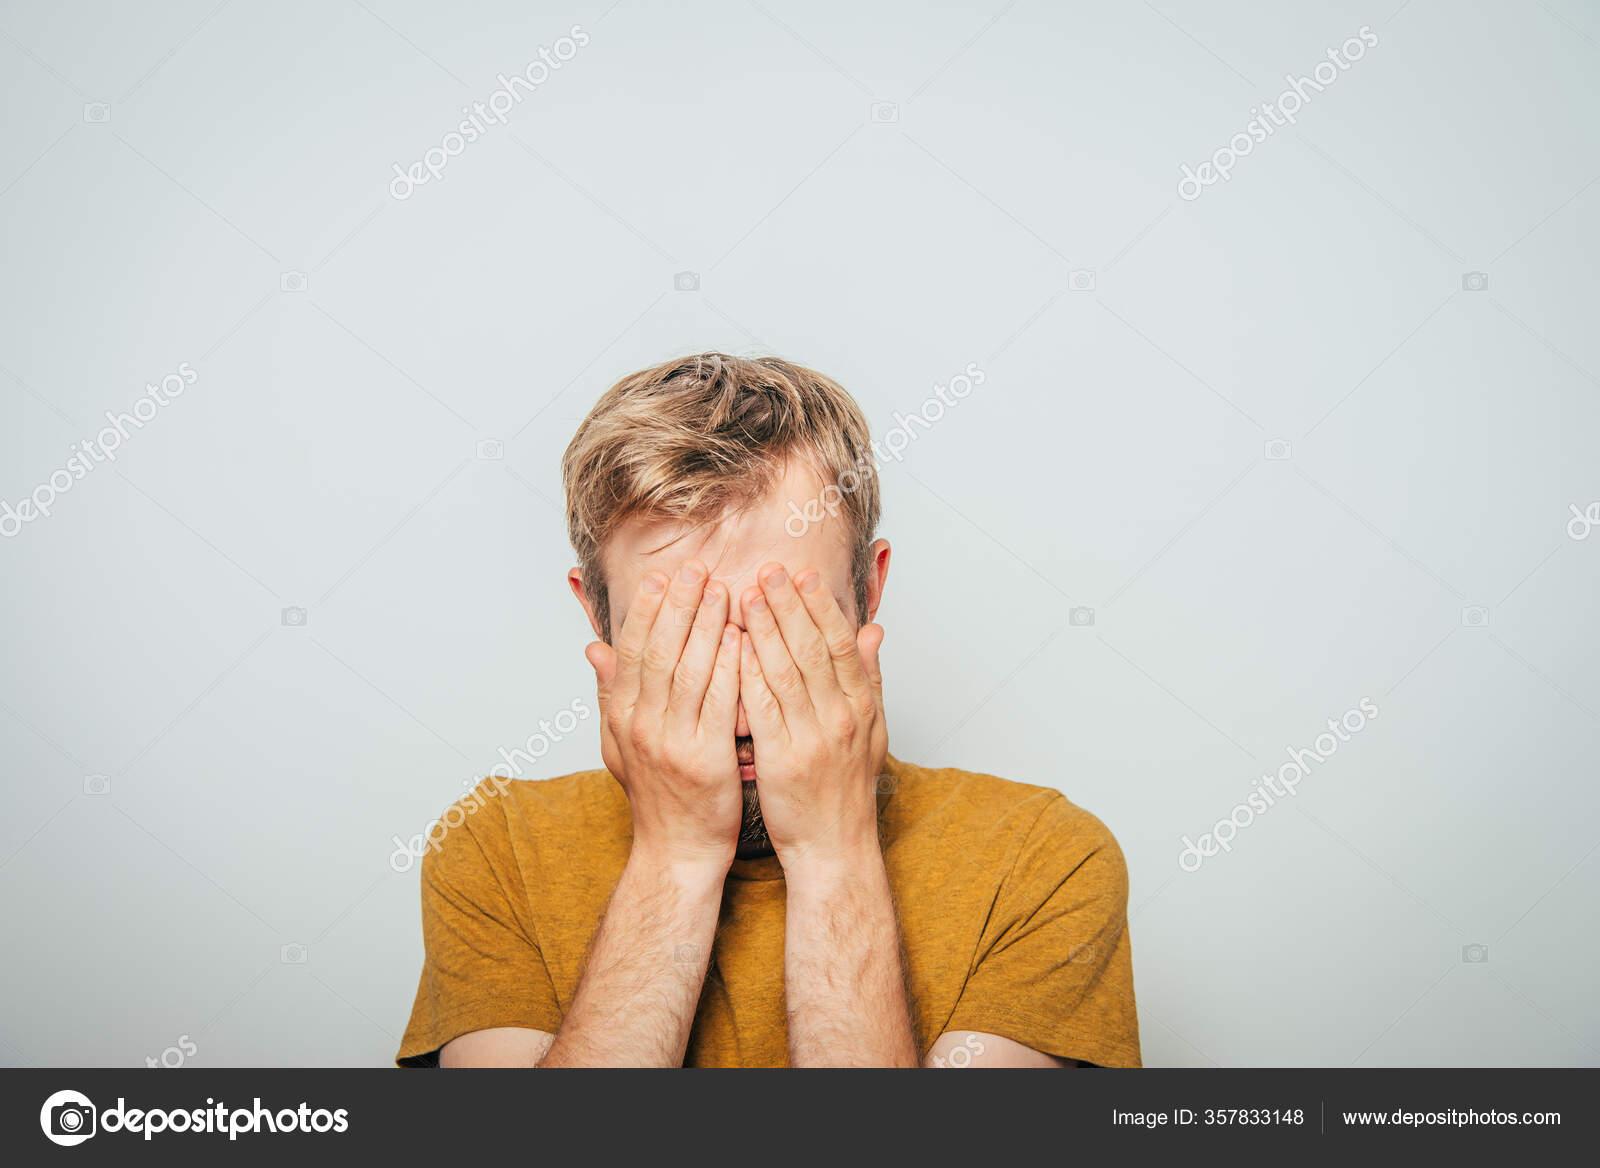 отличается лицо закрытое квадратиком смотреть фото начал